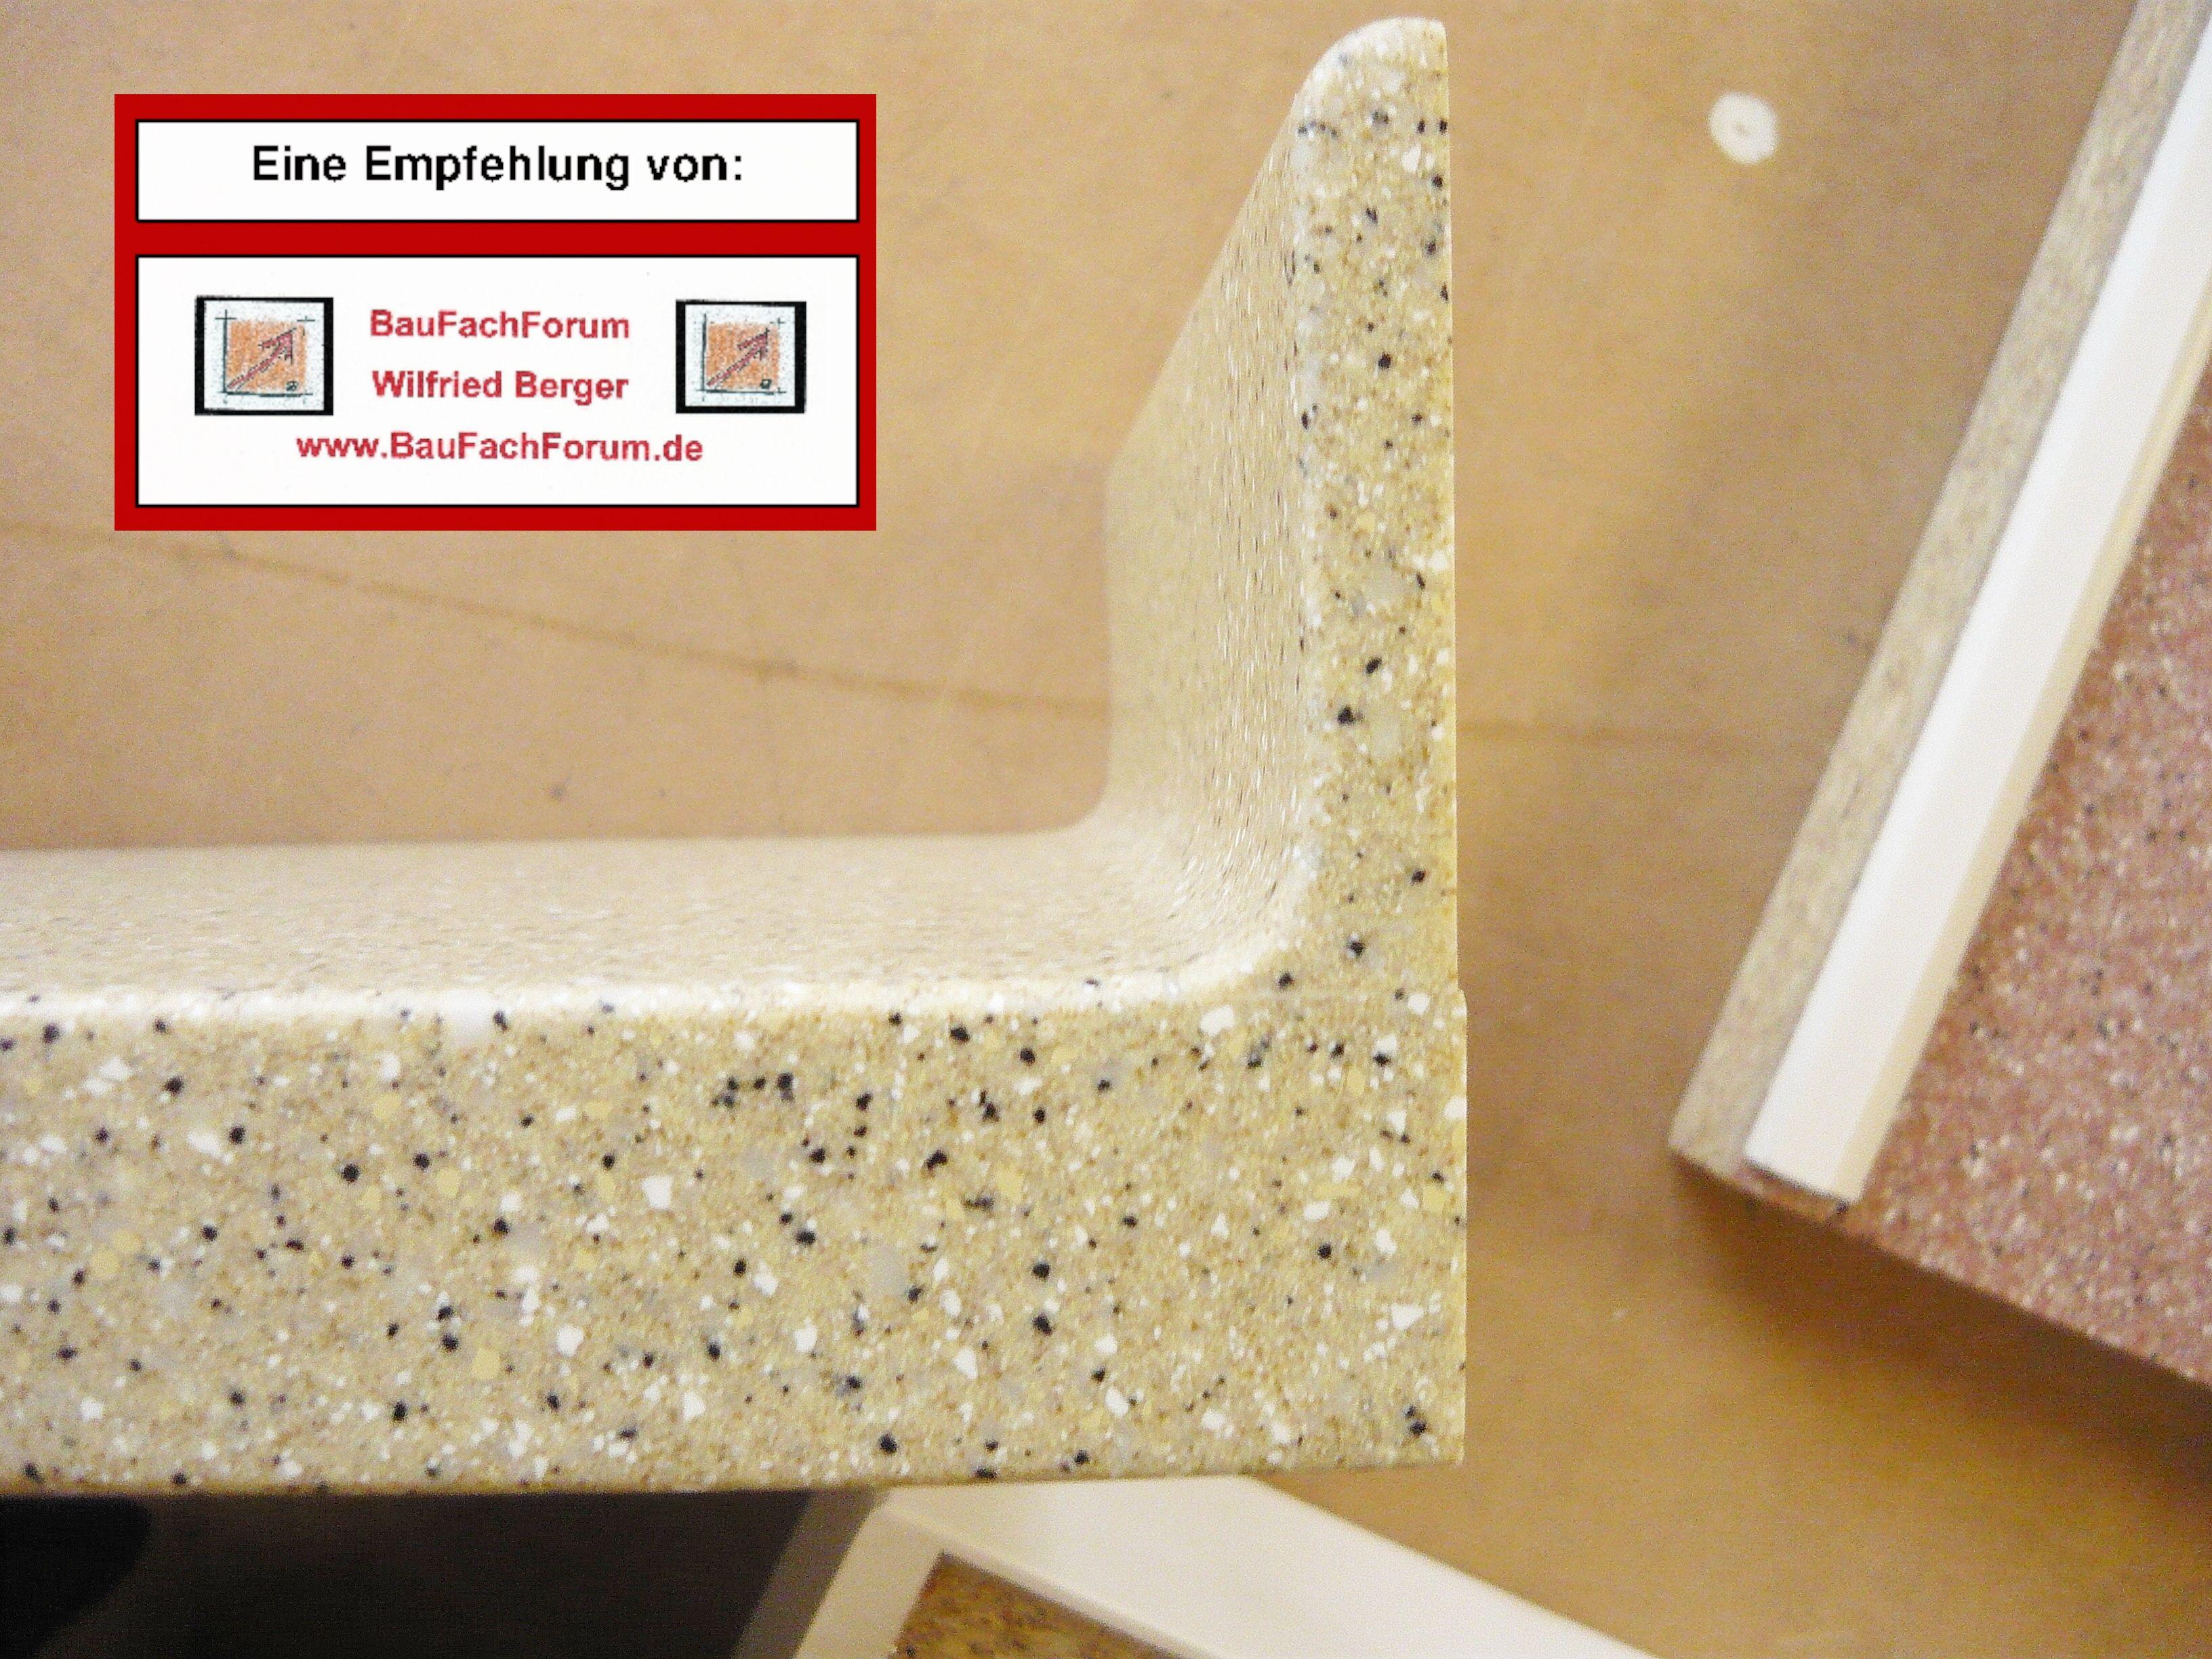 Baufachforum Schaden Sachverstandiger Wilfried Berger Mogliche Schaden Mineralsteinplatten Mineralwerkstoffe Getalit Fenster Einbauen Reparatur Aufklarung